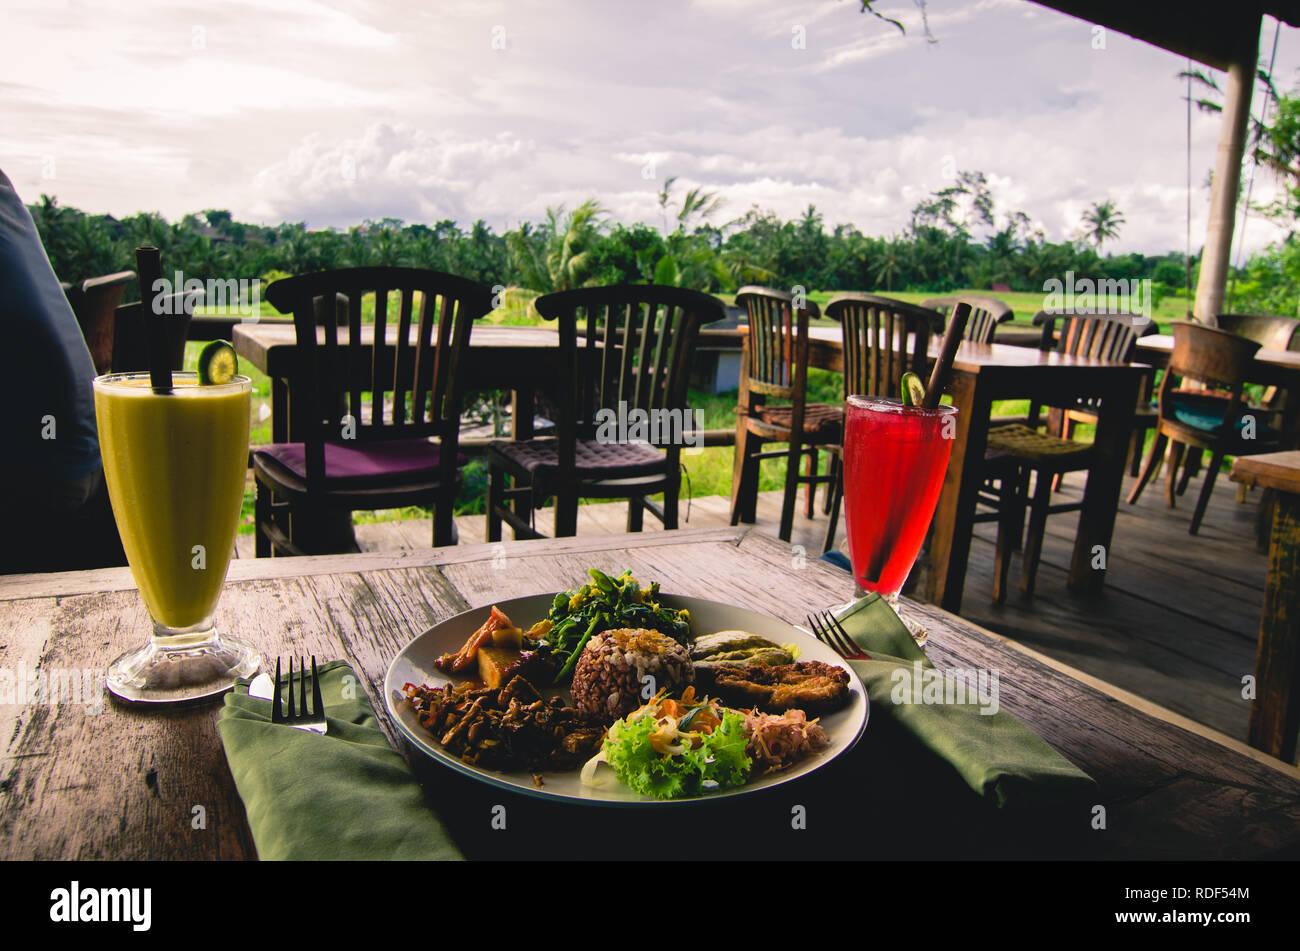 In einem traditionellen balinesischen Abendessen mit Blick auf die Reisfelder und den Regenwald Stockbild